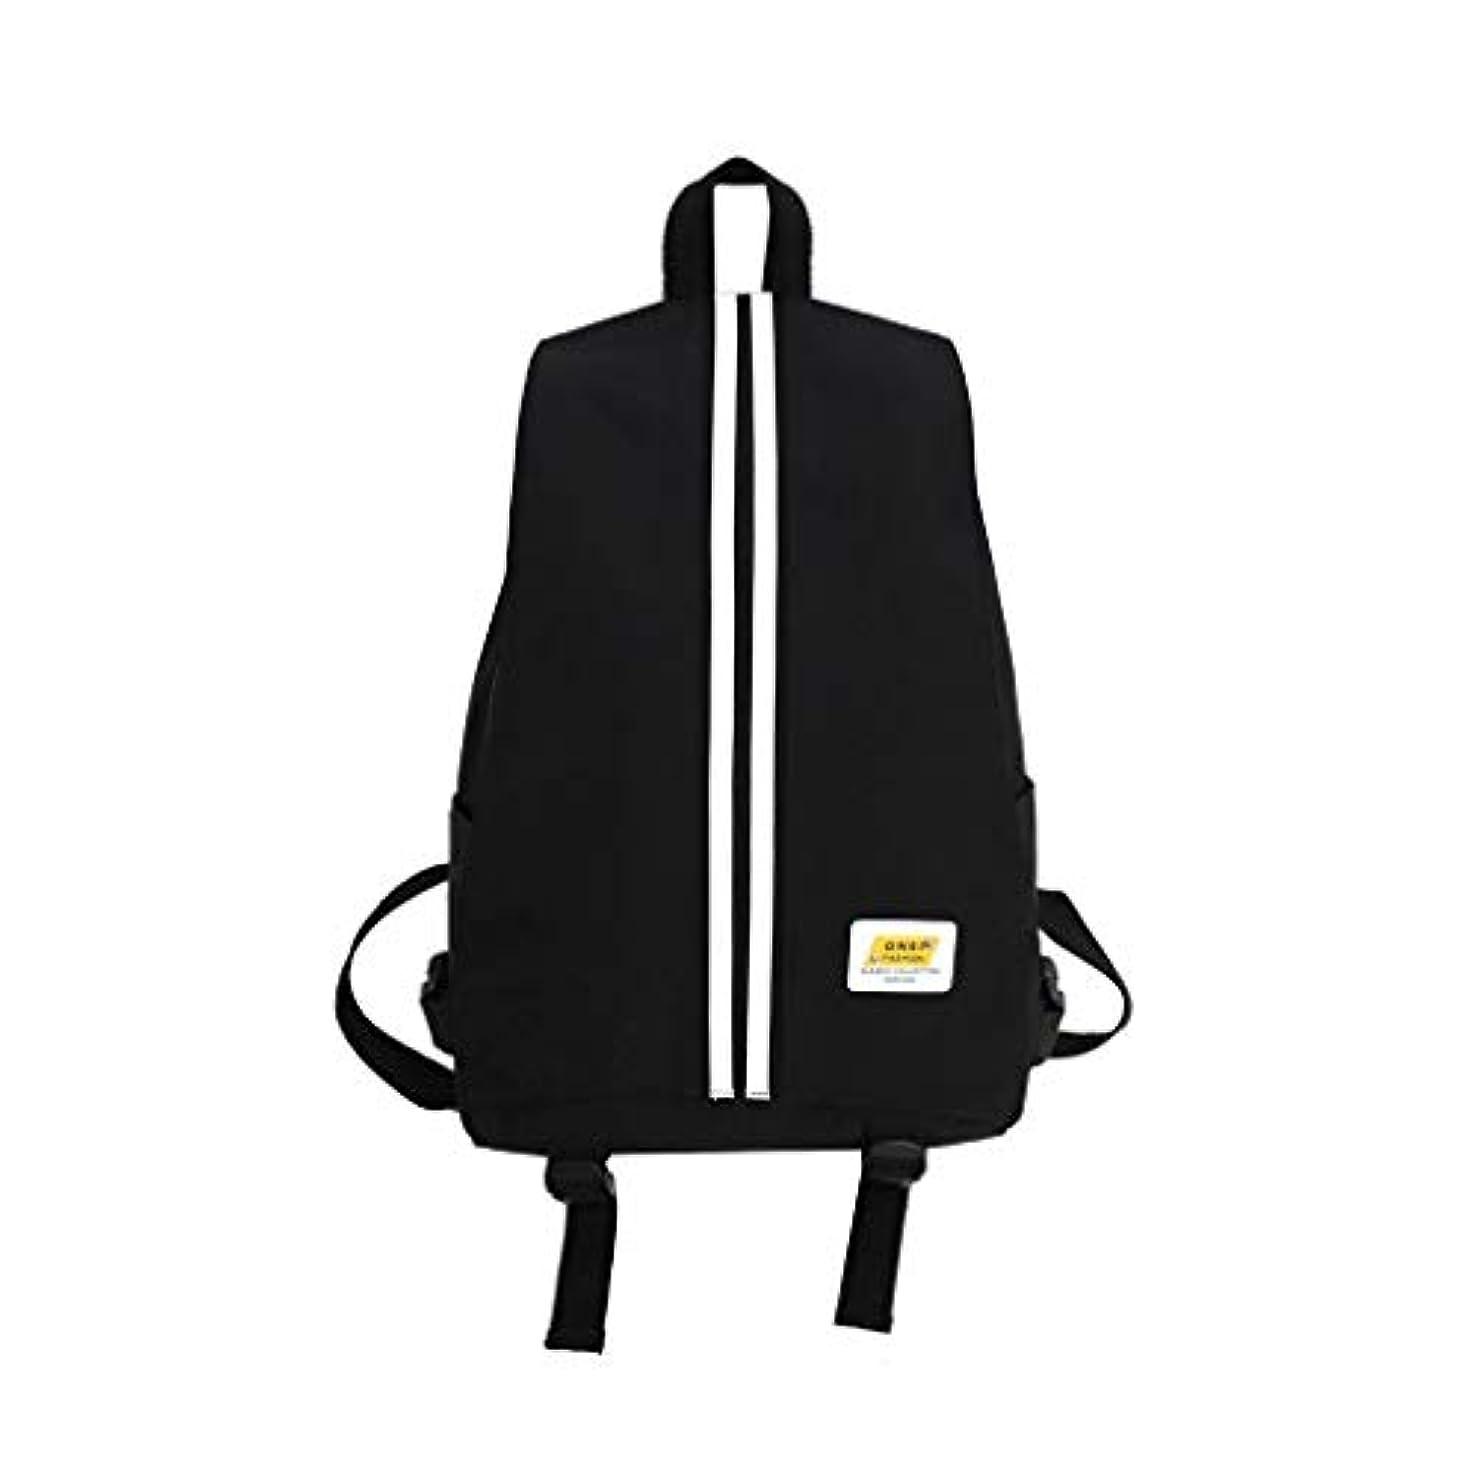 汚す汚染する次へショルダーバッグ バックパック大容量 学生鞄通学通勤レジャー鞄 ママリュック リュックサック クリアランス ファッション軽量コンピューターバッグハイキングレジャートラベルバッグ